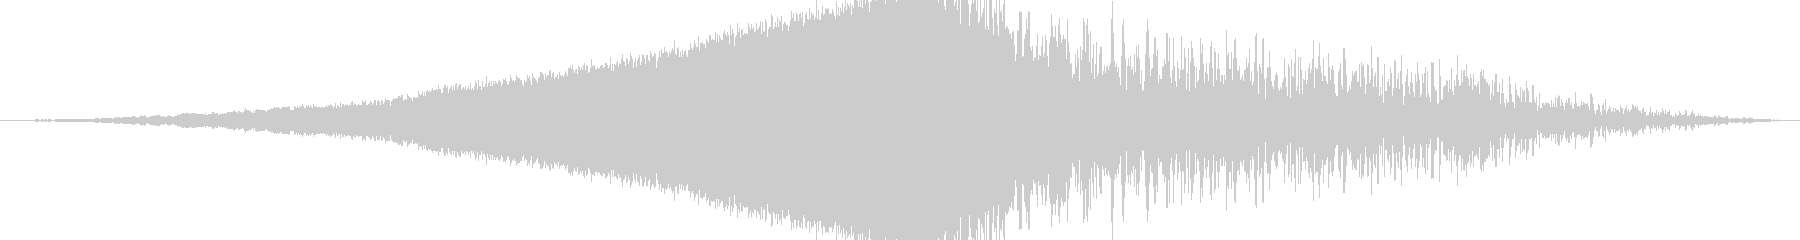 【映画】 シネマティック ライザー 04の未再生の波形